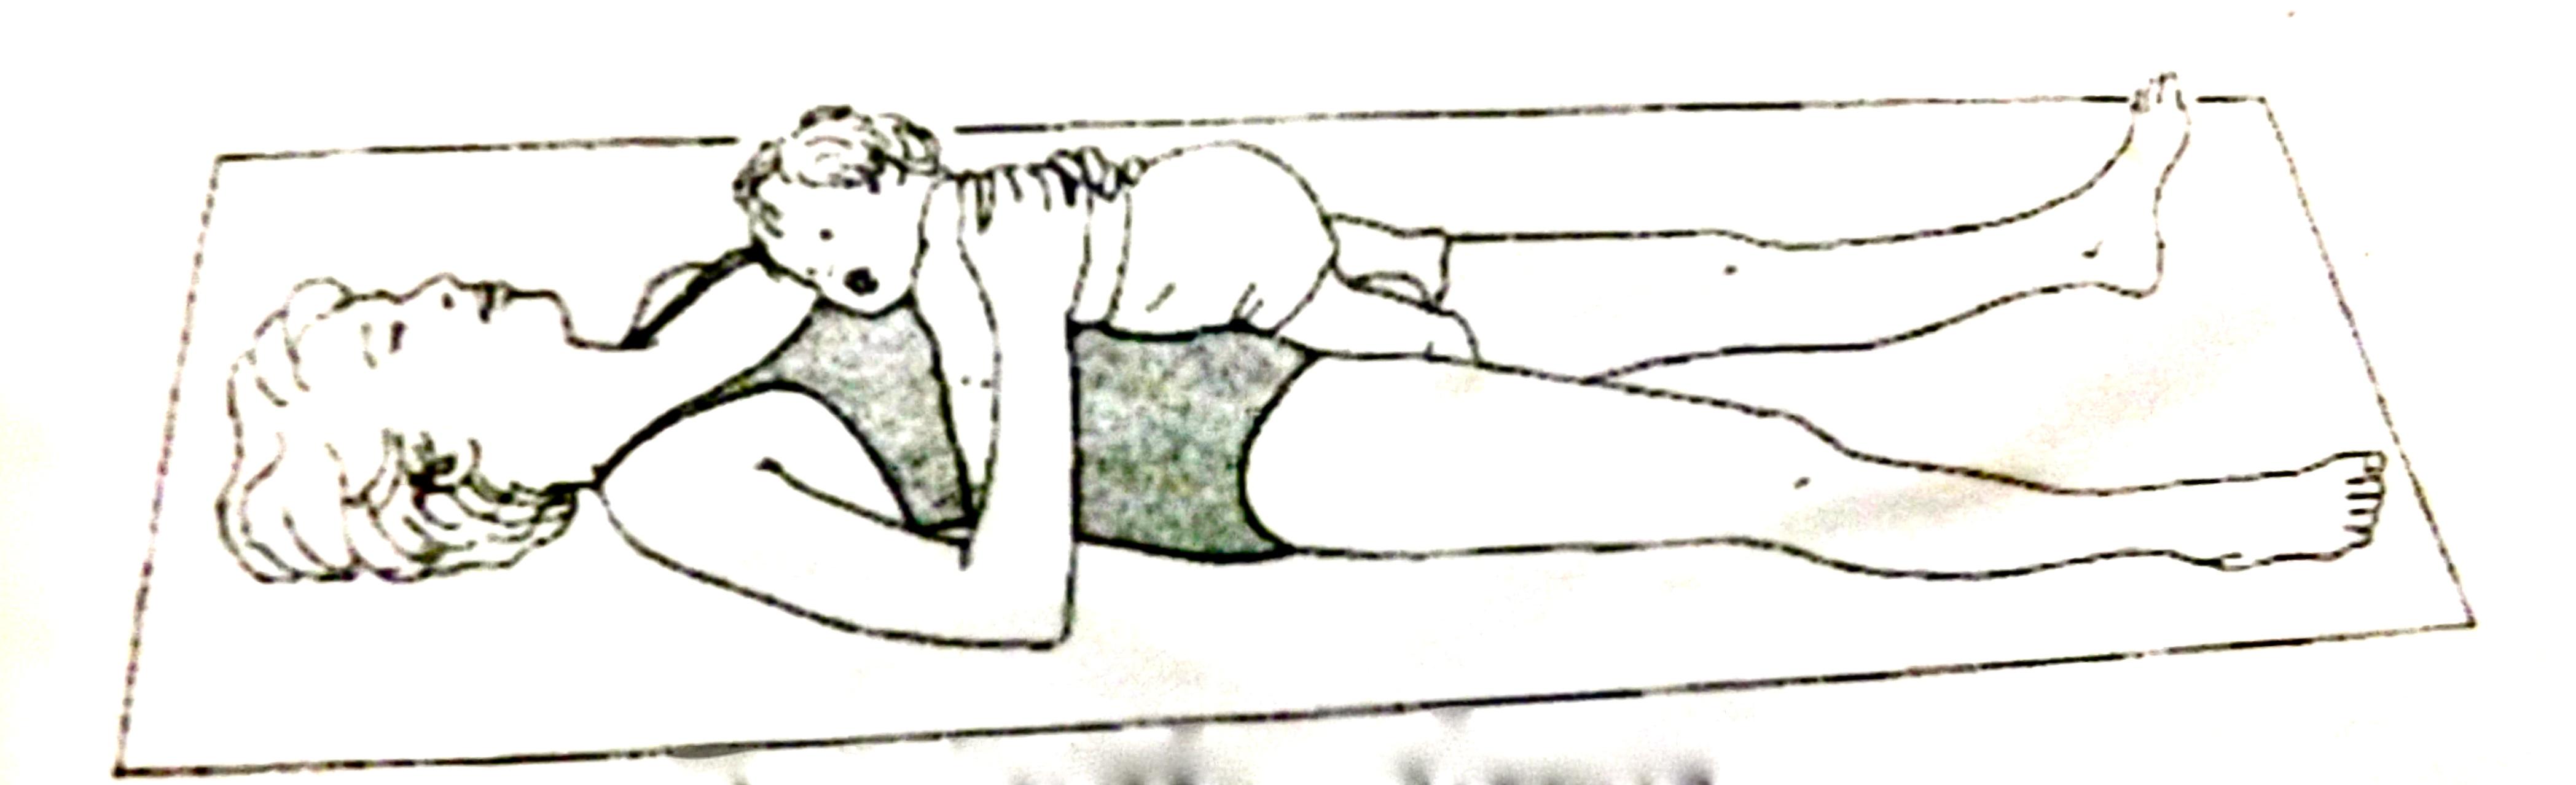 DSCF0236